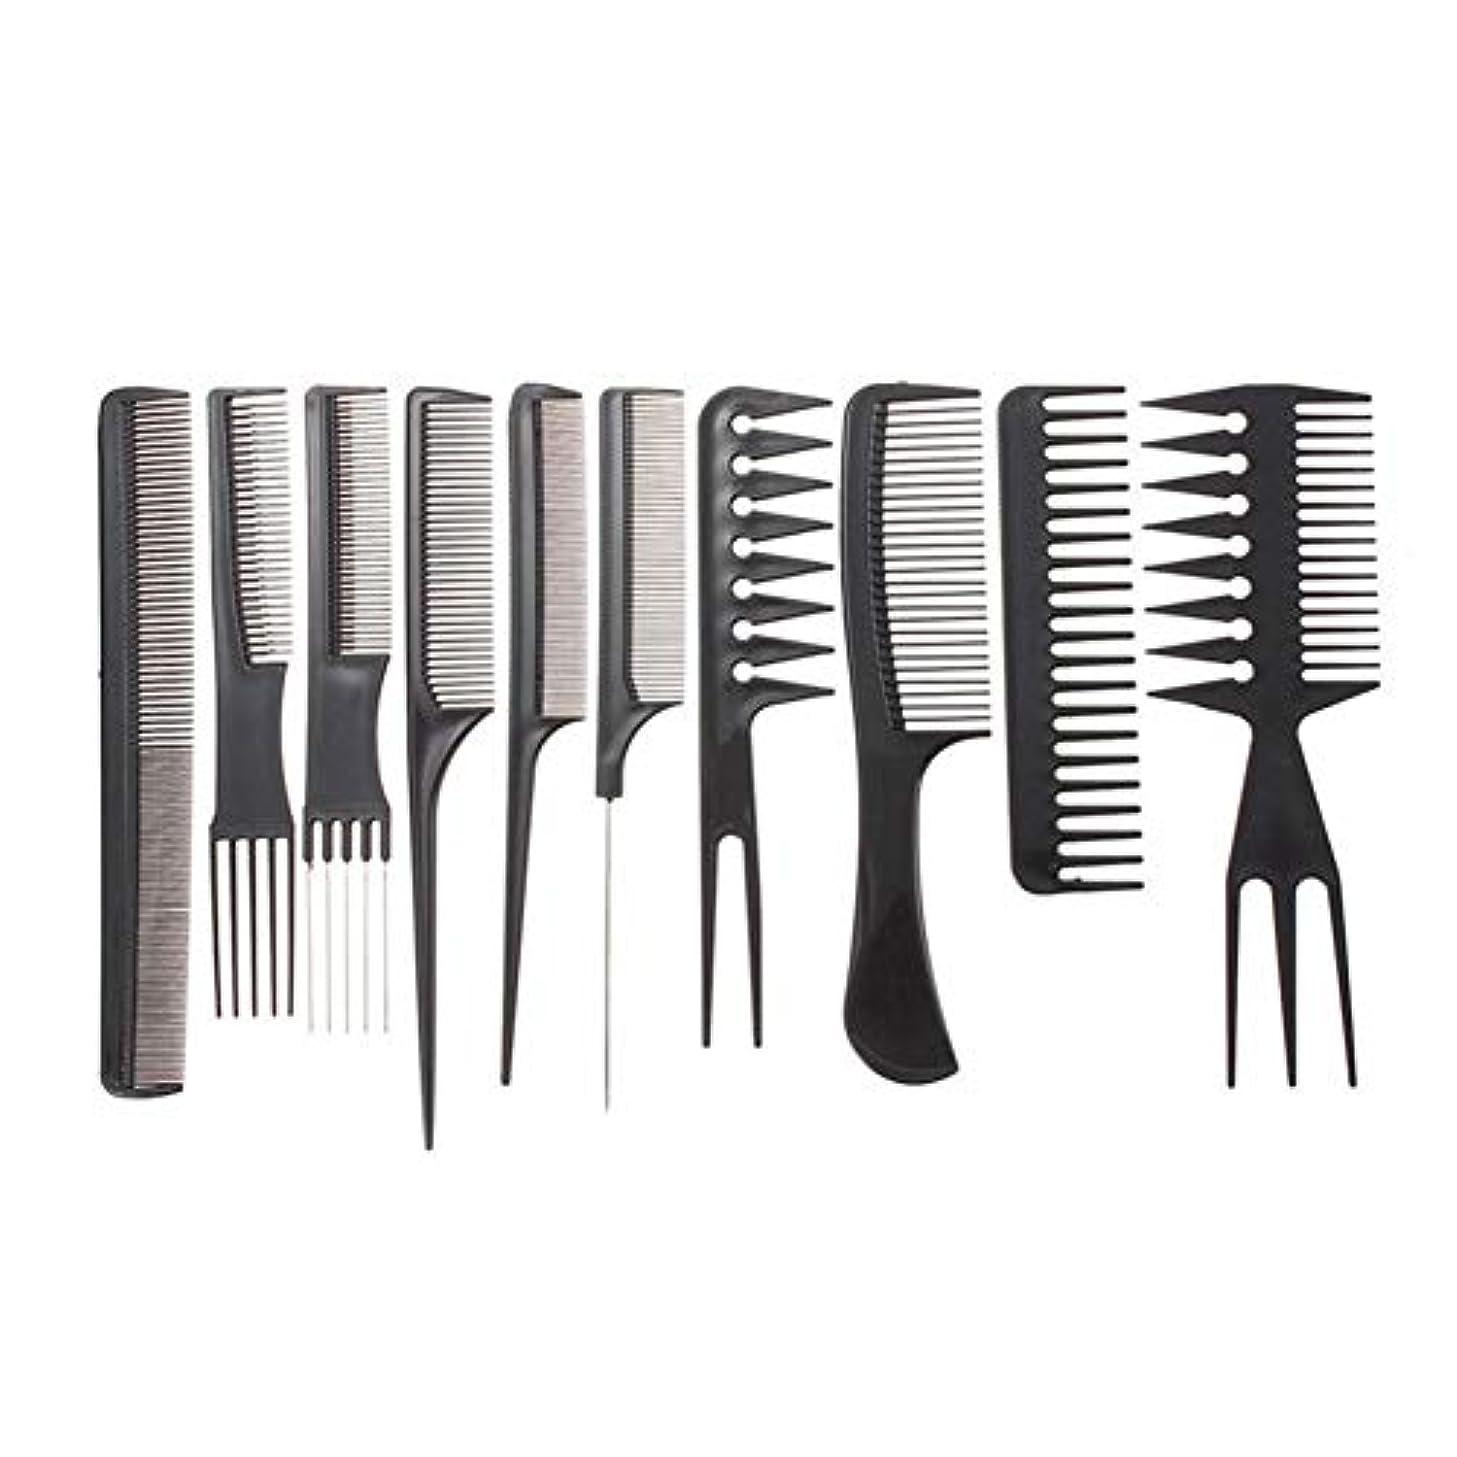 君主制動かす帆黒い髪のすべてのタイプのために設計された10看護プロのヘアスタイリストブラシコームヘアスタイリングツール